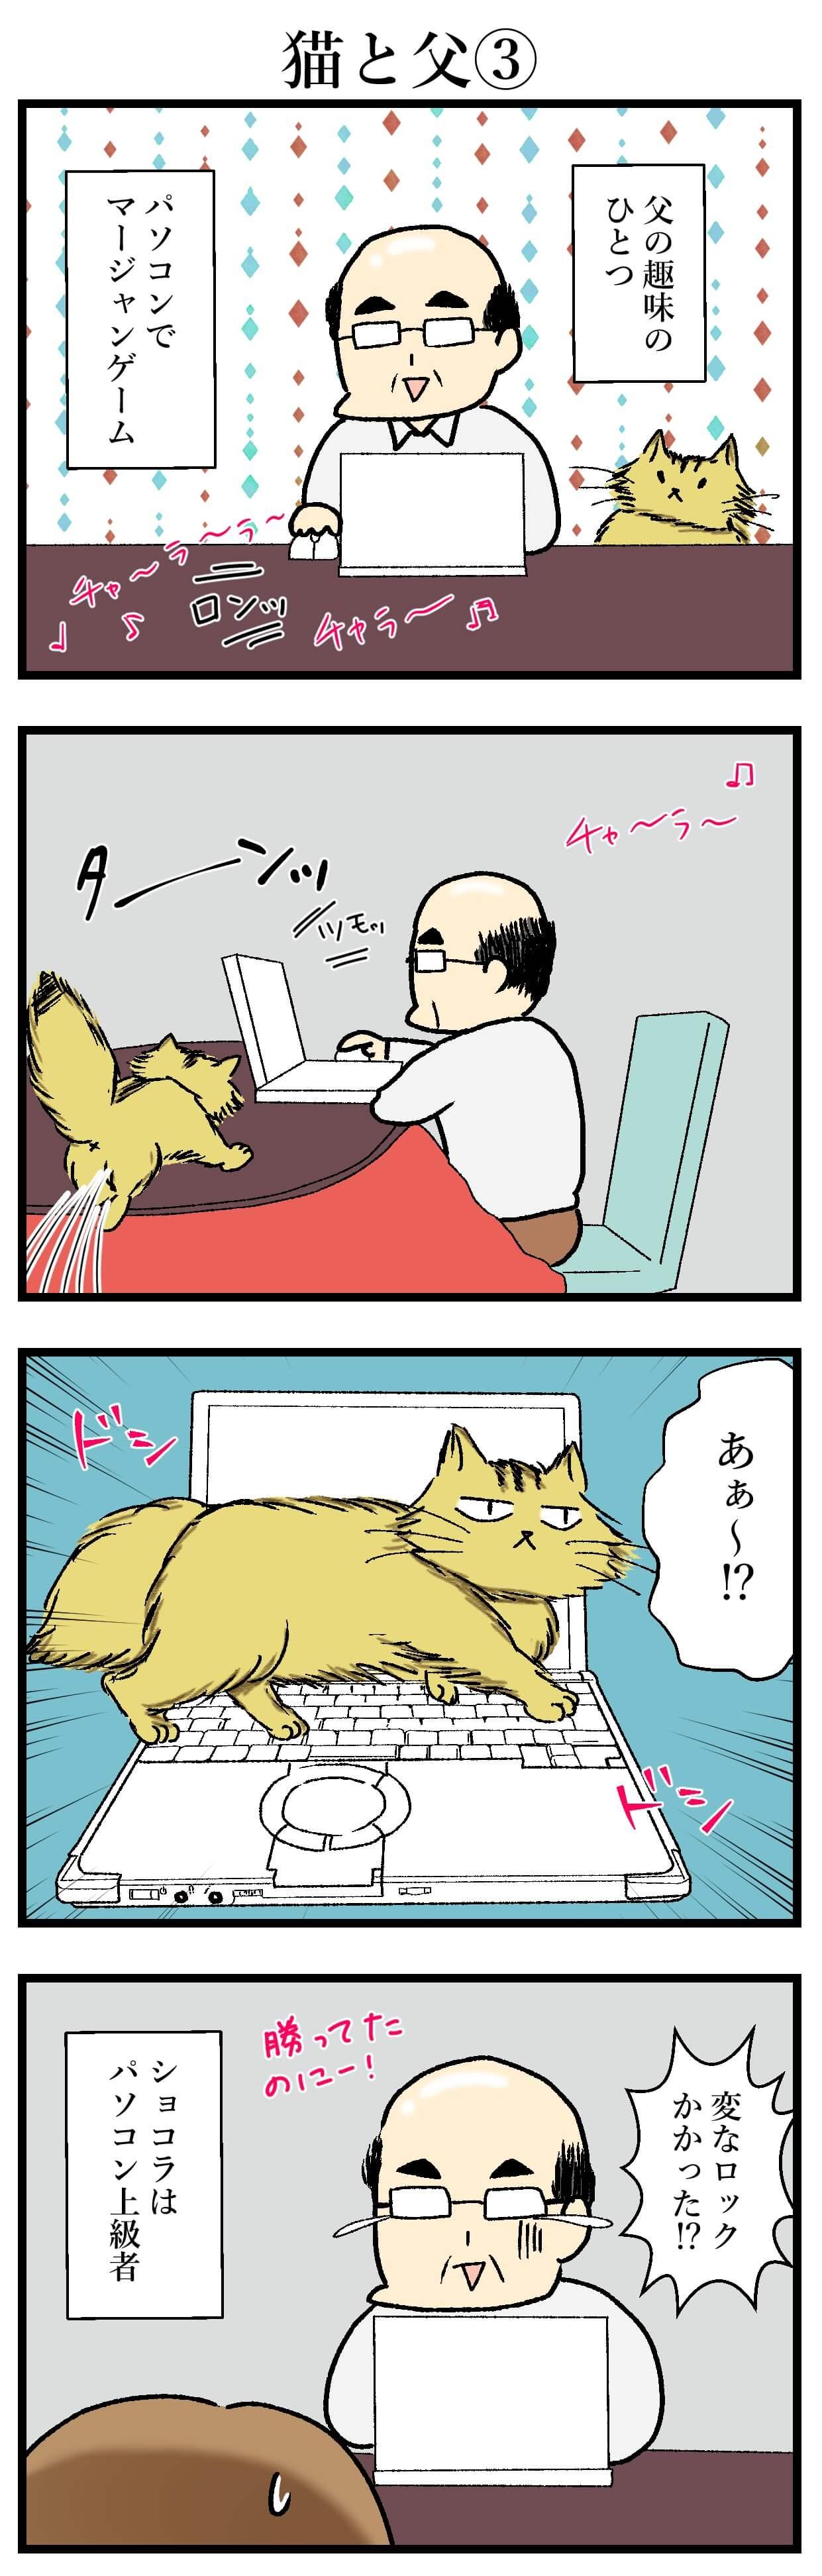 【エッセイ漫画】アラサー主婦くま子のふがいない日常(70)